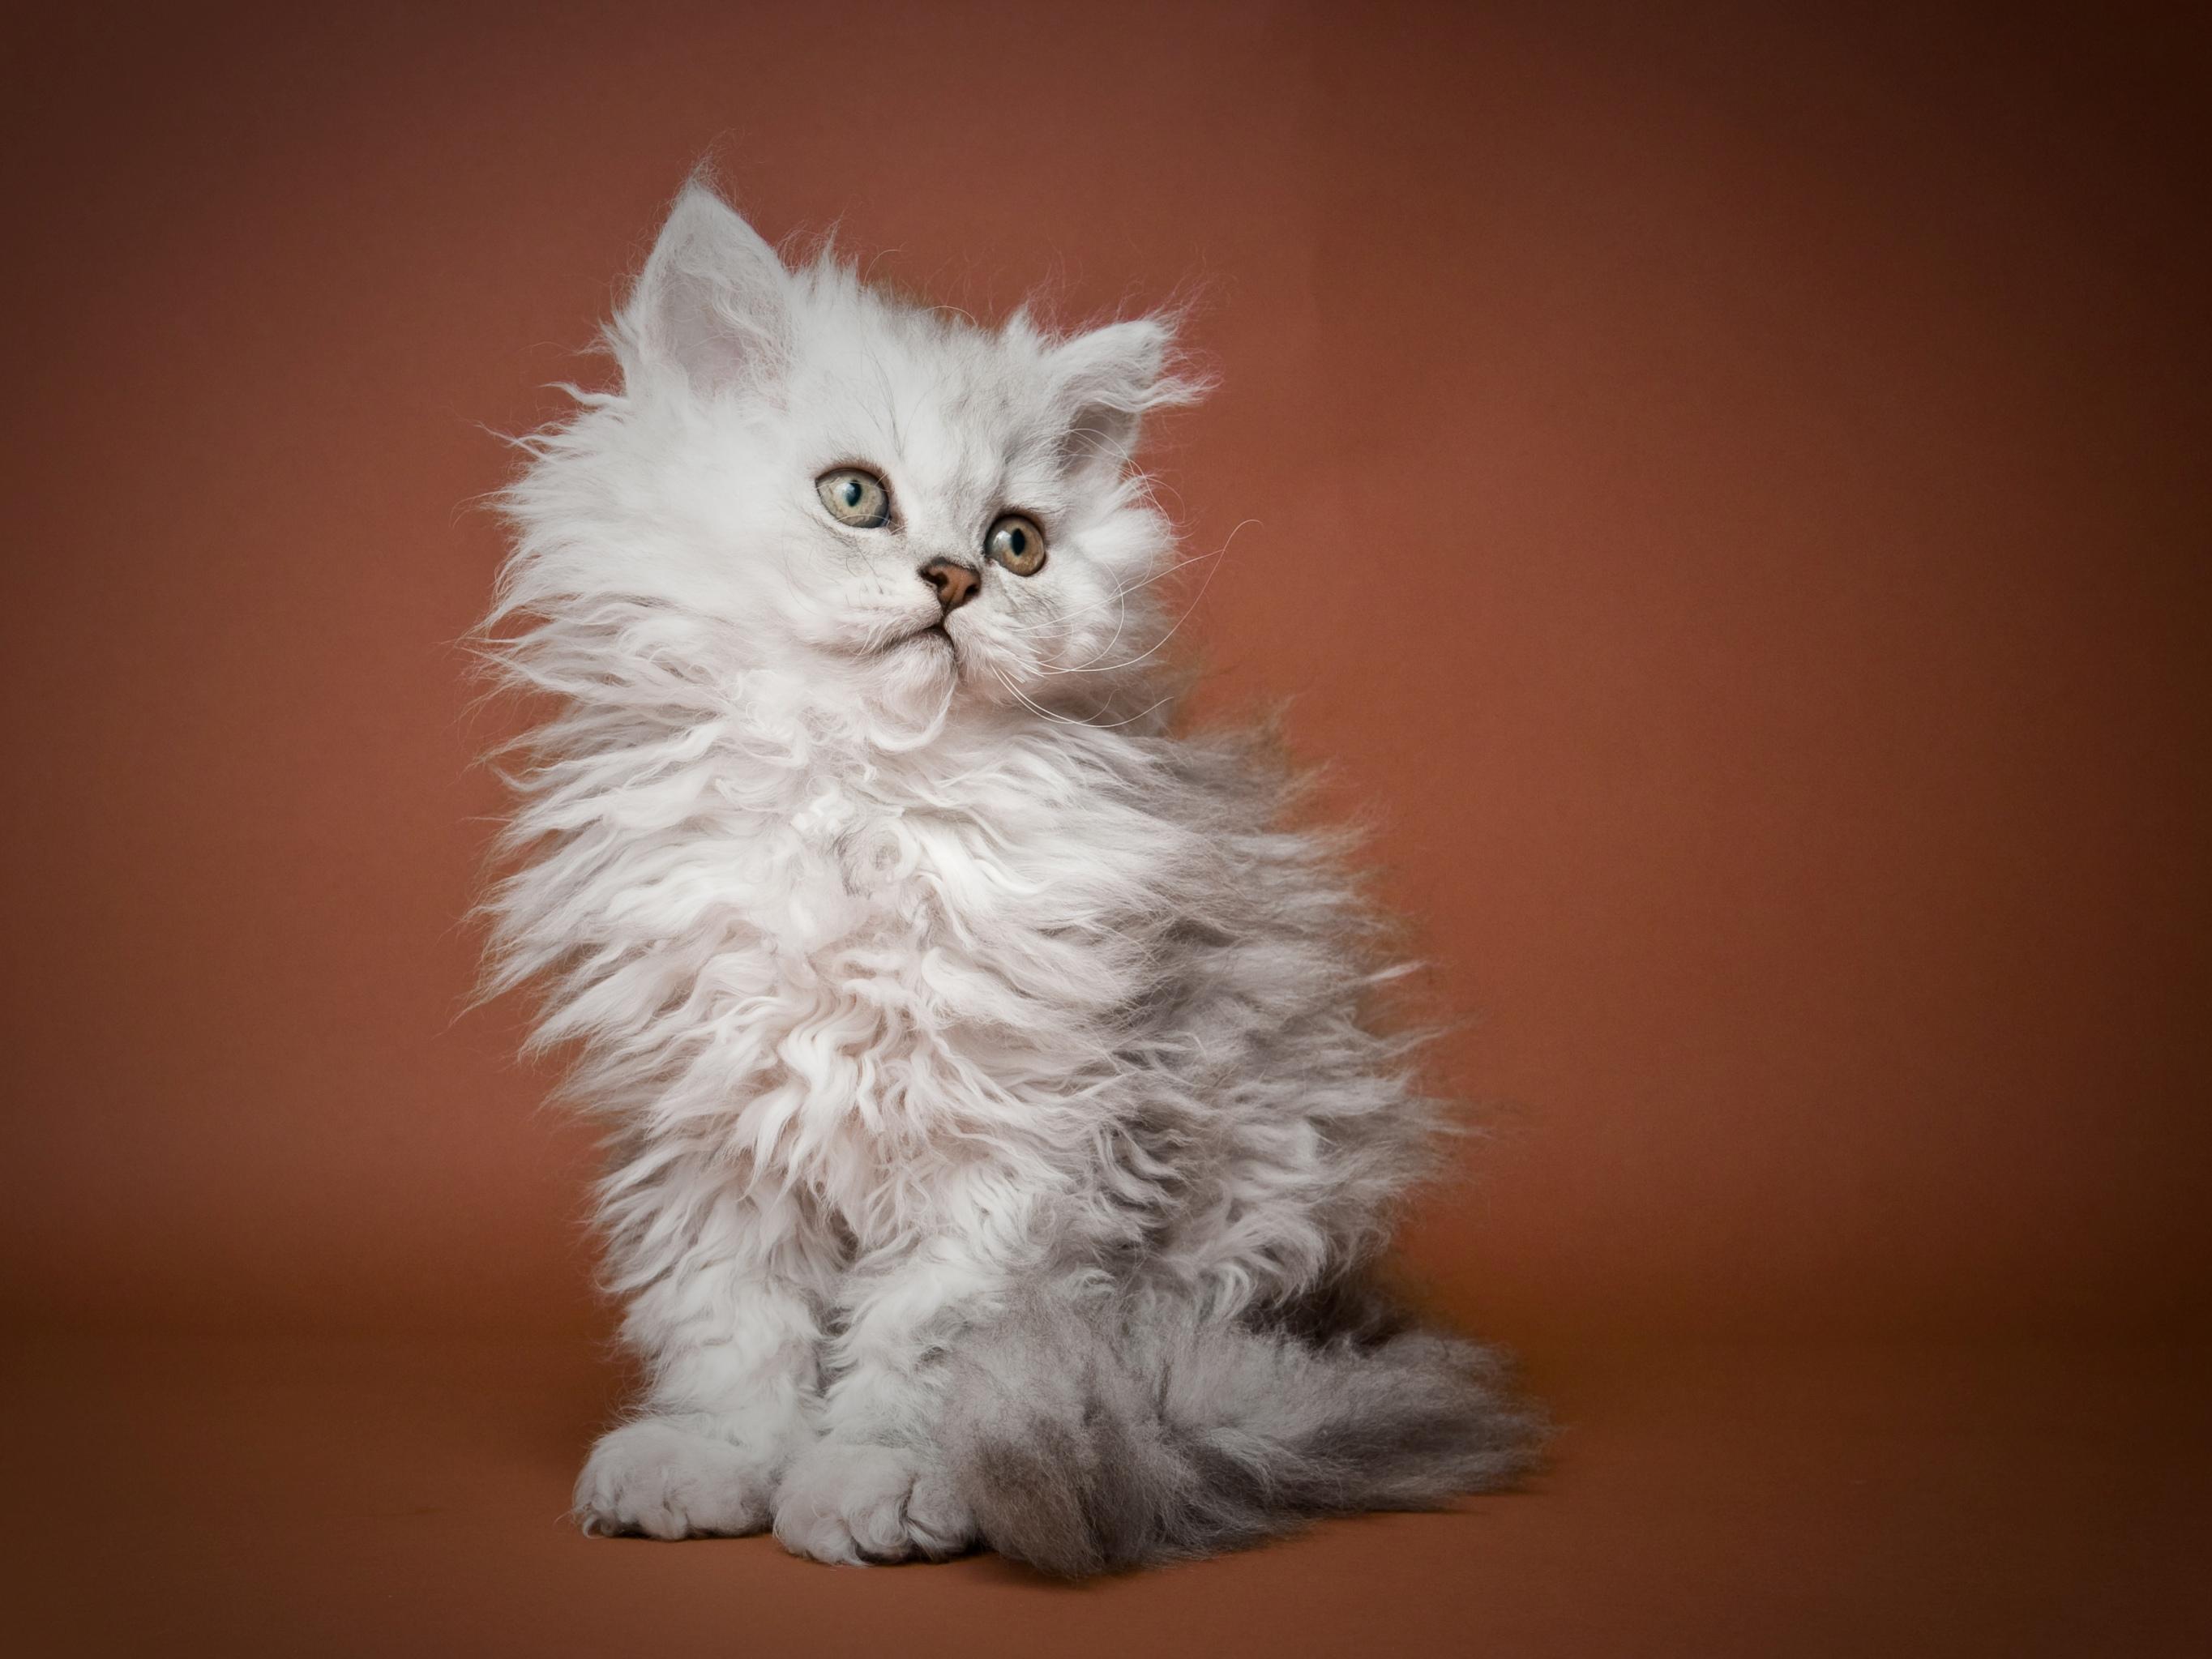 Serrade Petit Kitten: Serrade Selkirk Rex Kitten Portrait Breed